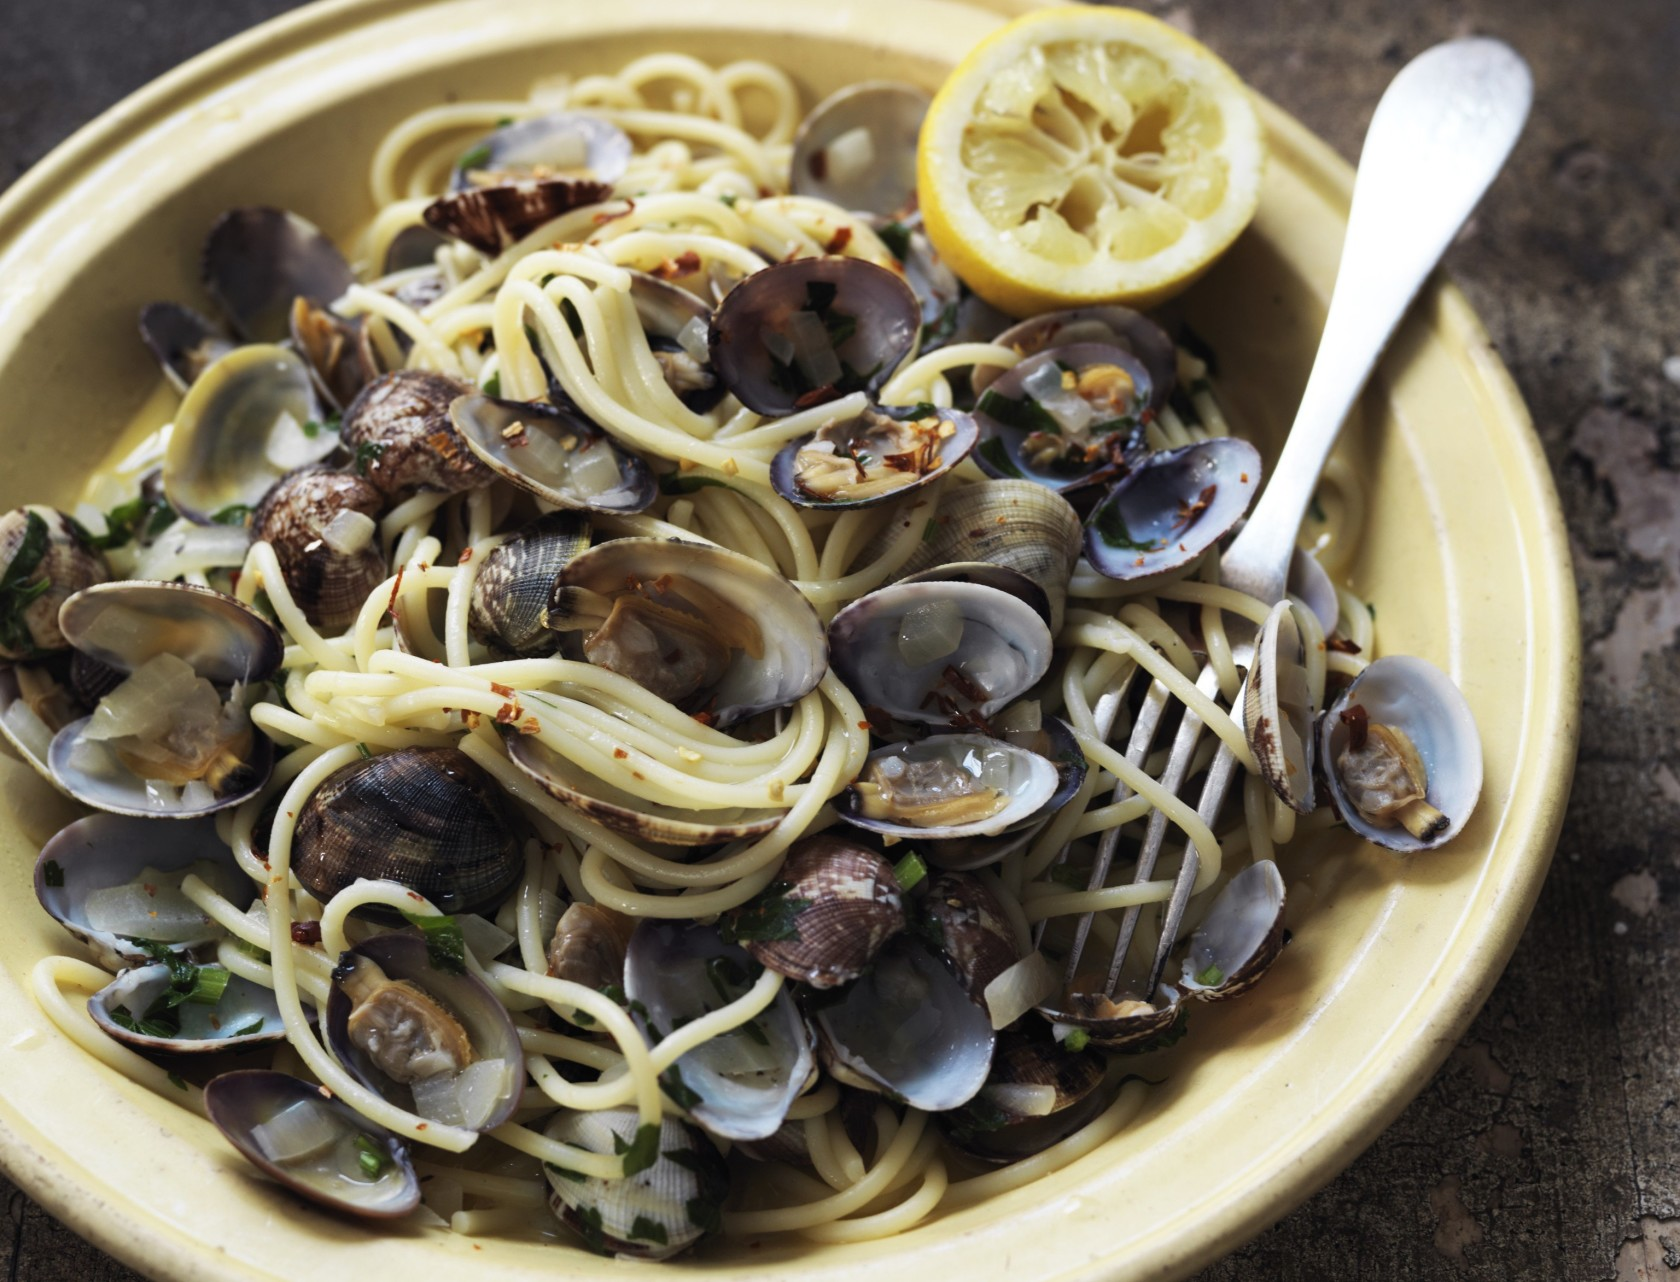 Spaghetti med hjertemuslinger - på italiensk spaghetti alle vongole. Mums!